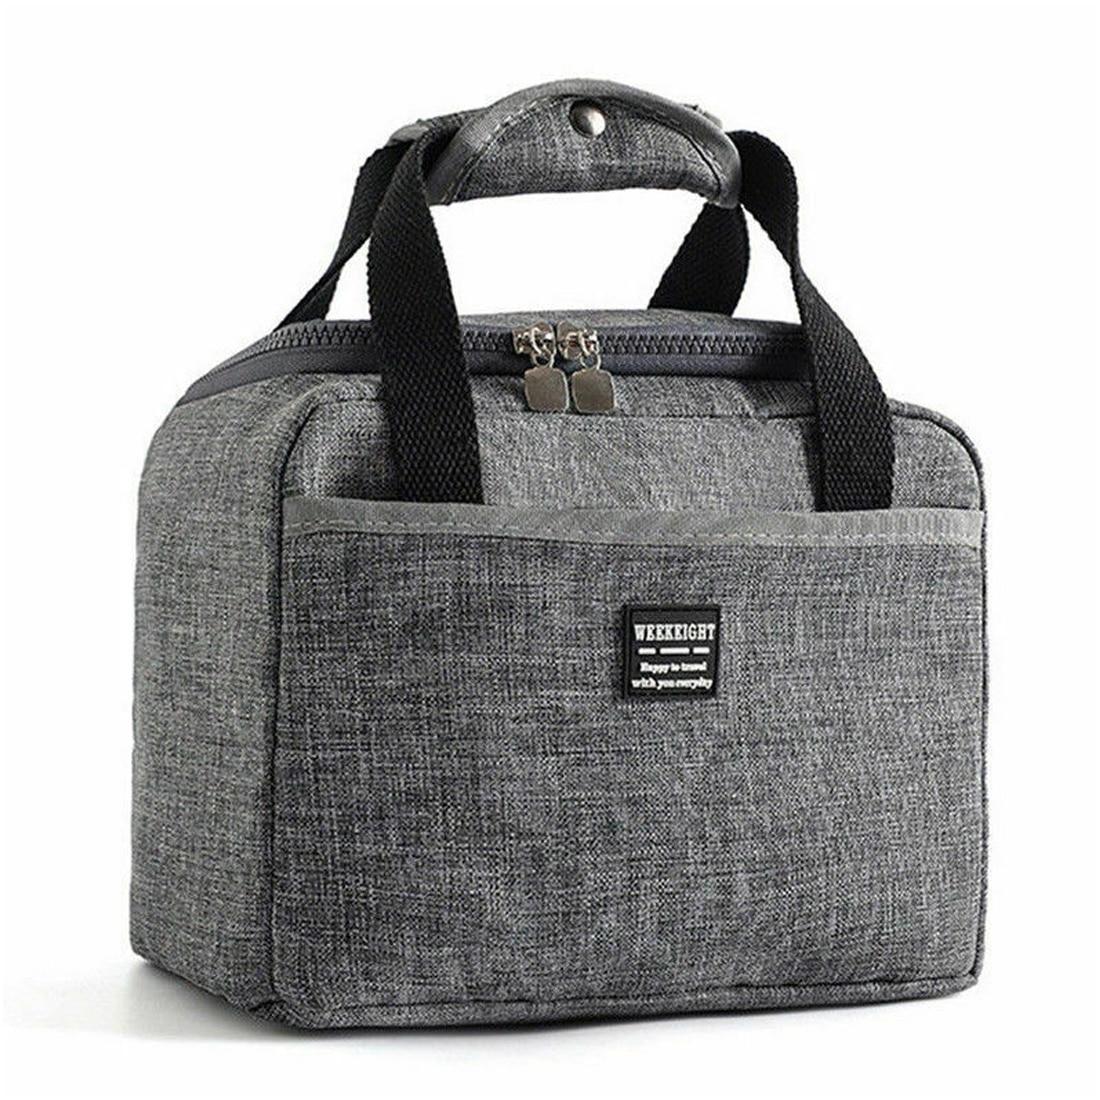 edf992e779b6 Oeak непромокаемые Изолированные сумки для обедов Оксфорд путешествия  необходимо Пикник сумка унисекс термальность ужин короб